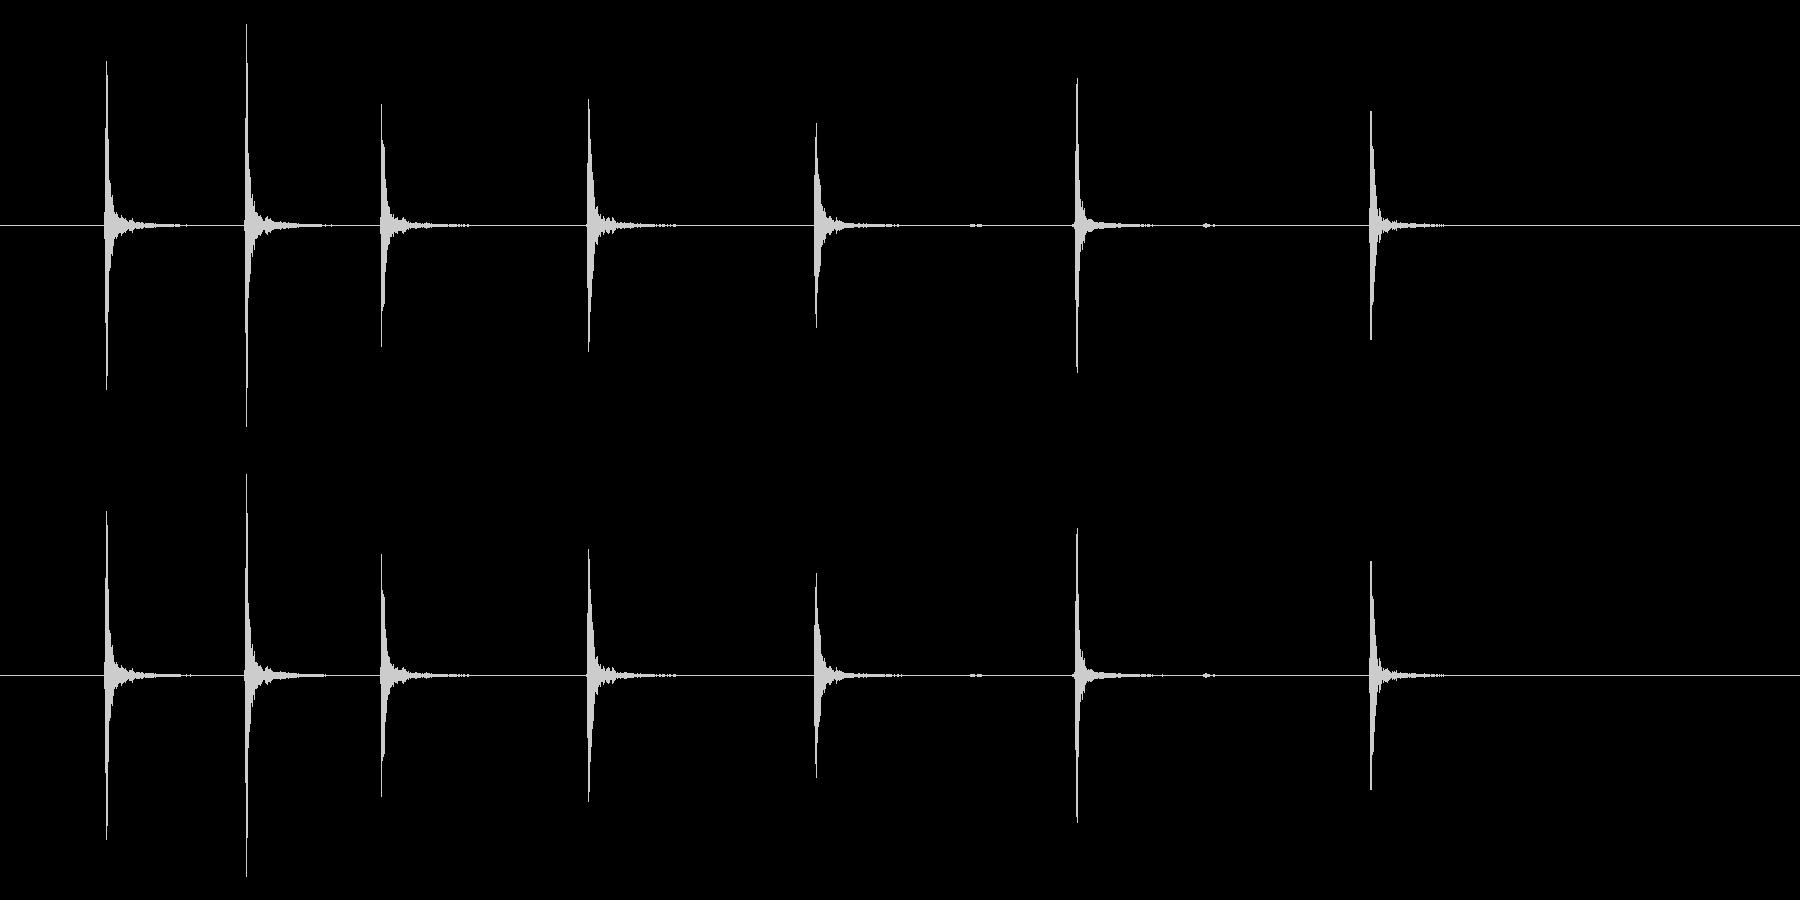 時計 アラーム03-07(ダイアル)の未再生の波形